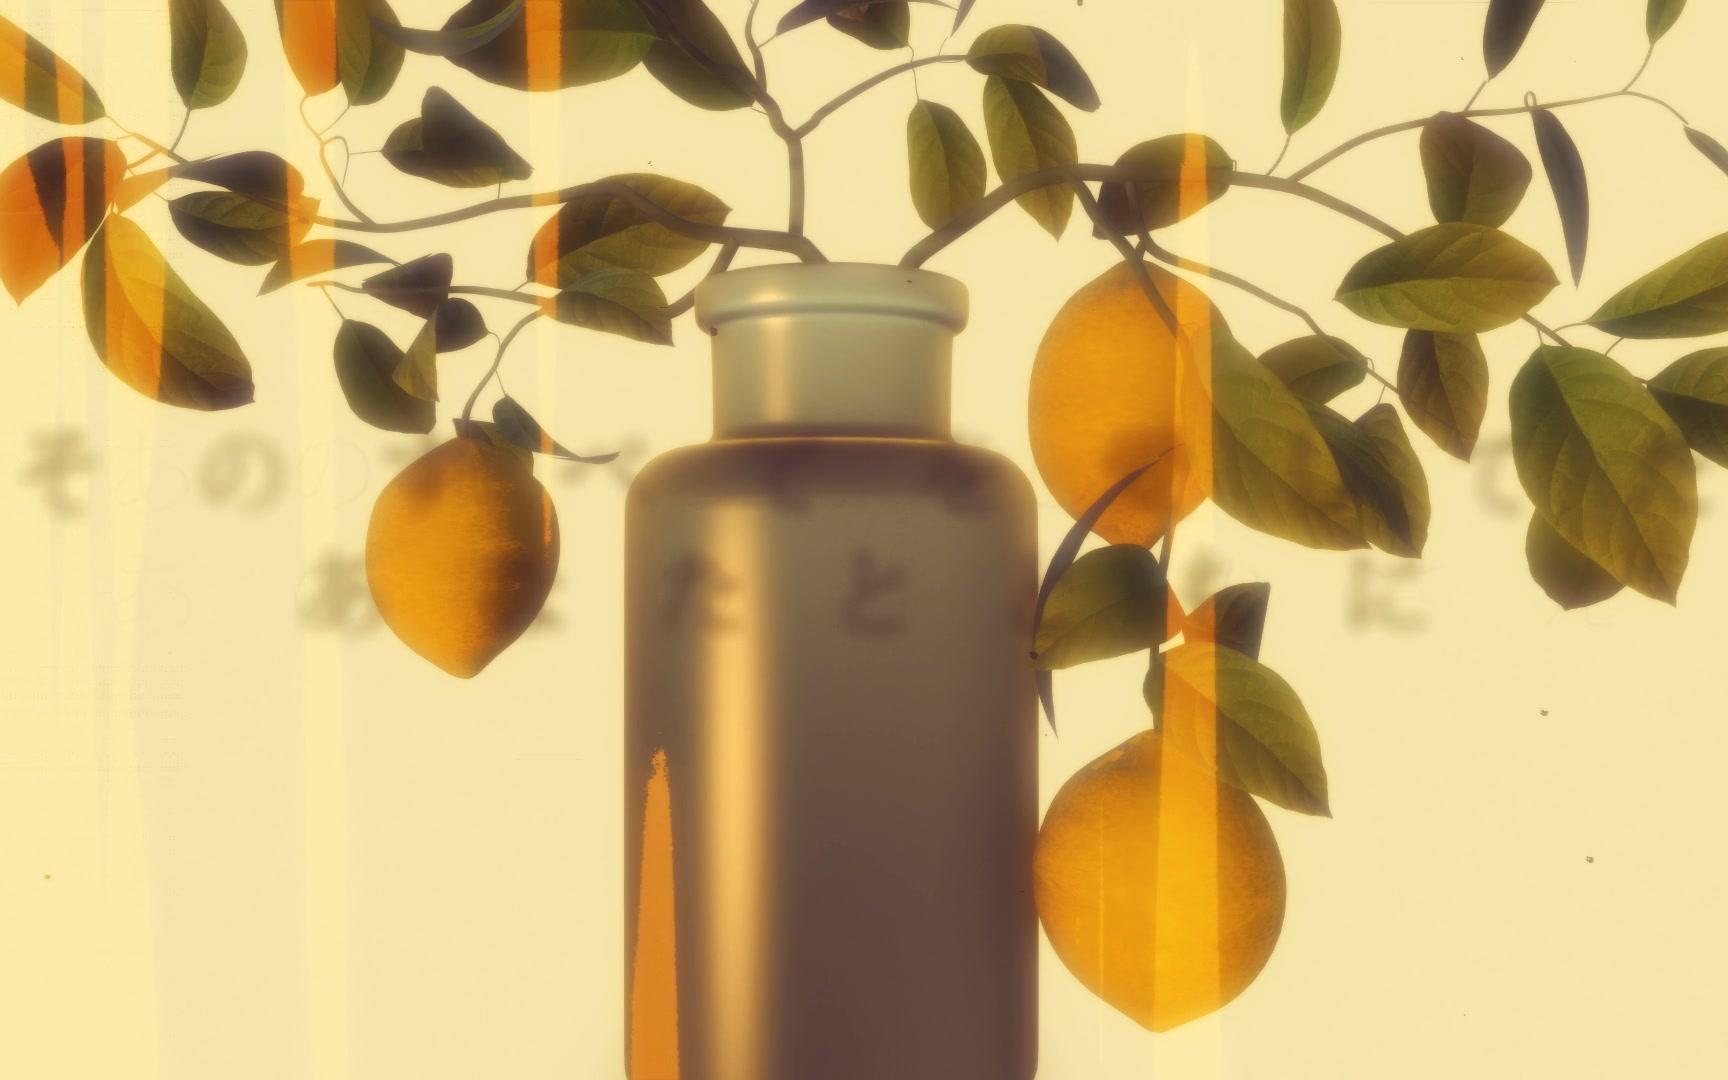 【三无】Lemon(钢琴改编.Luna Pv.冰镇甜豆浆)